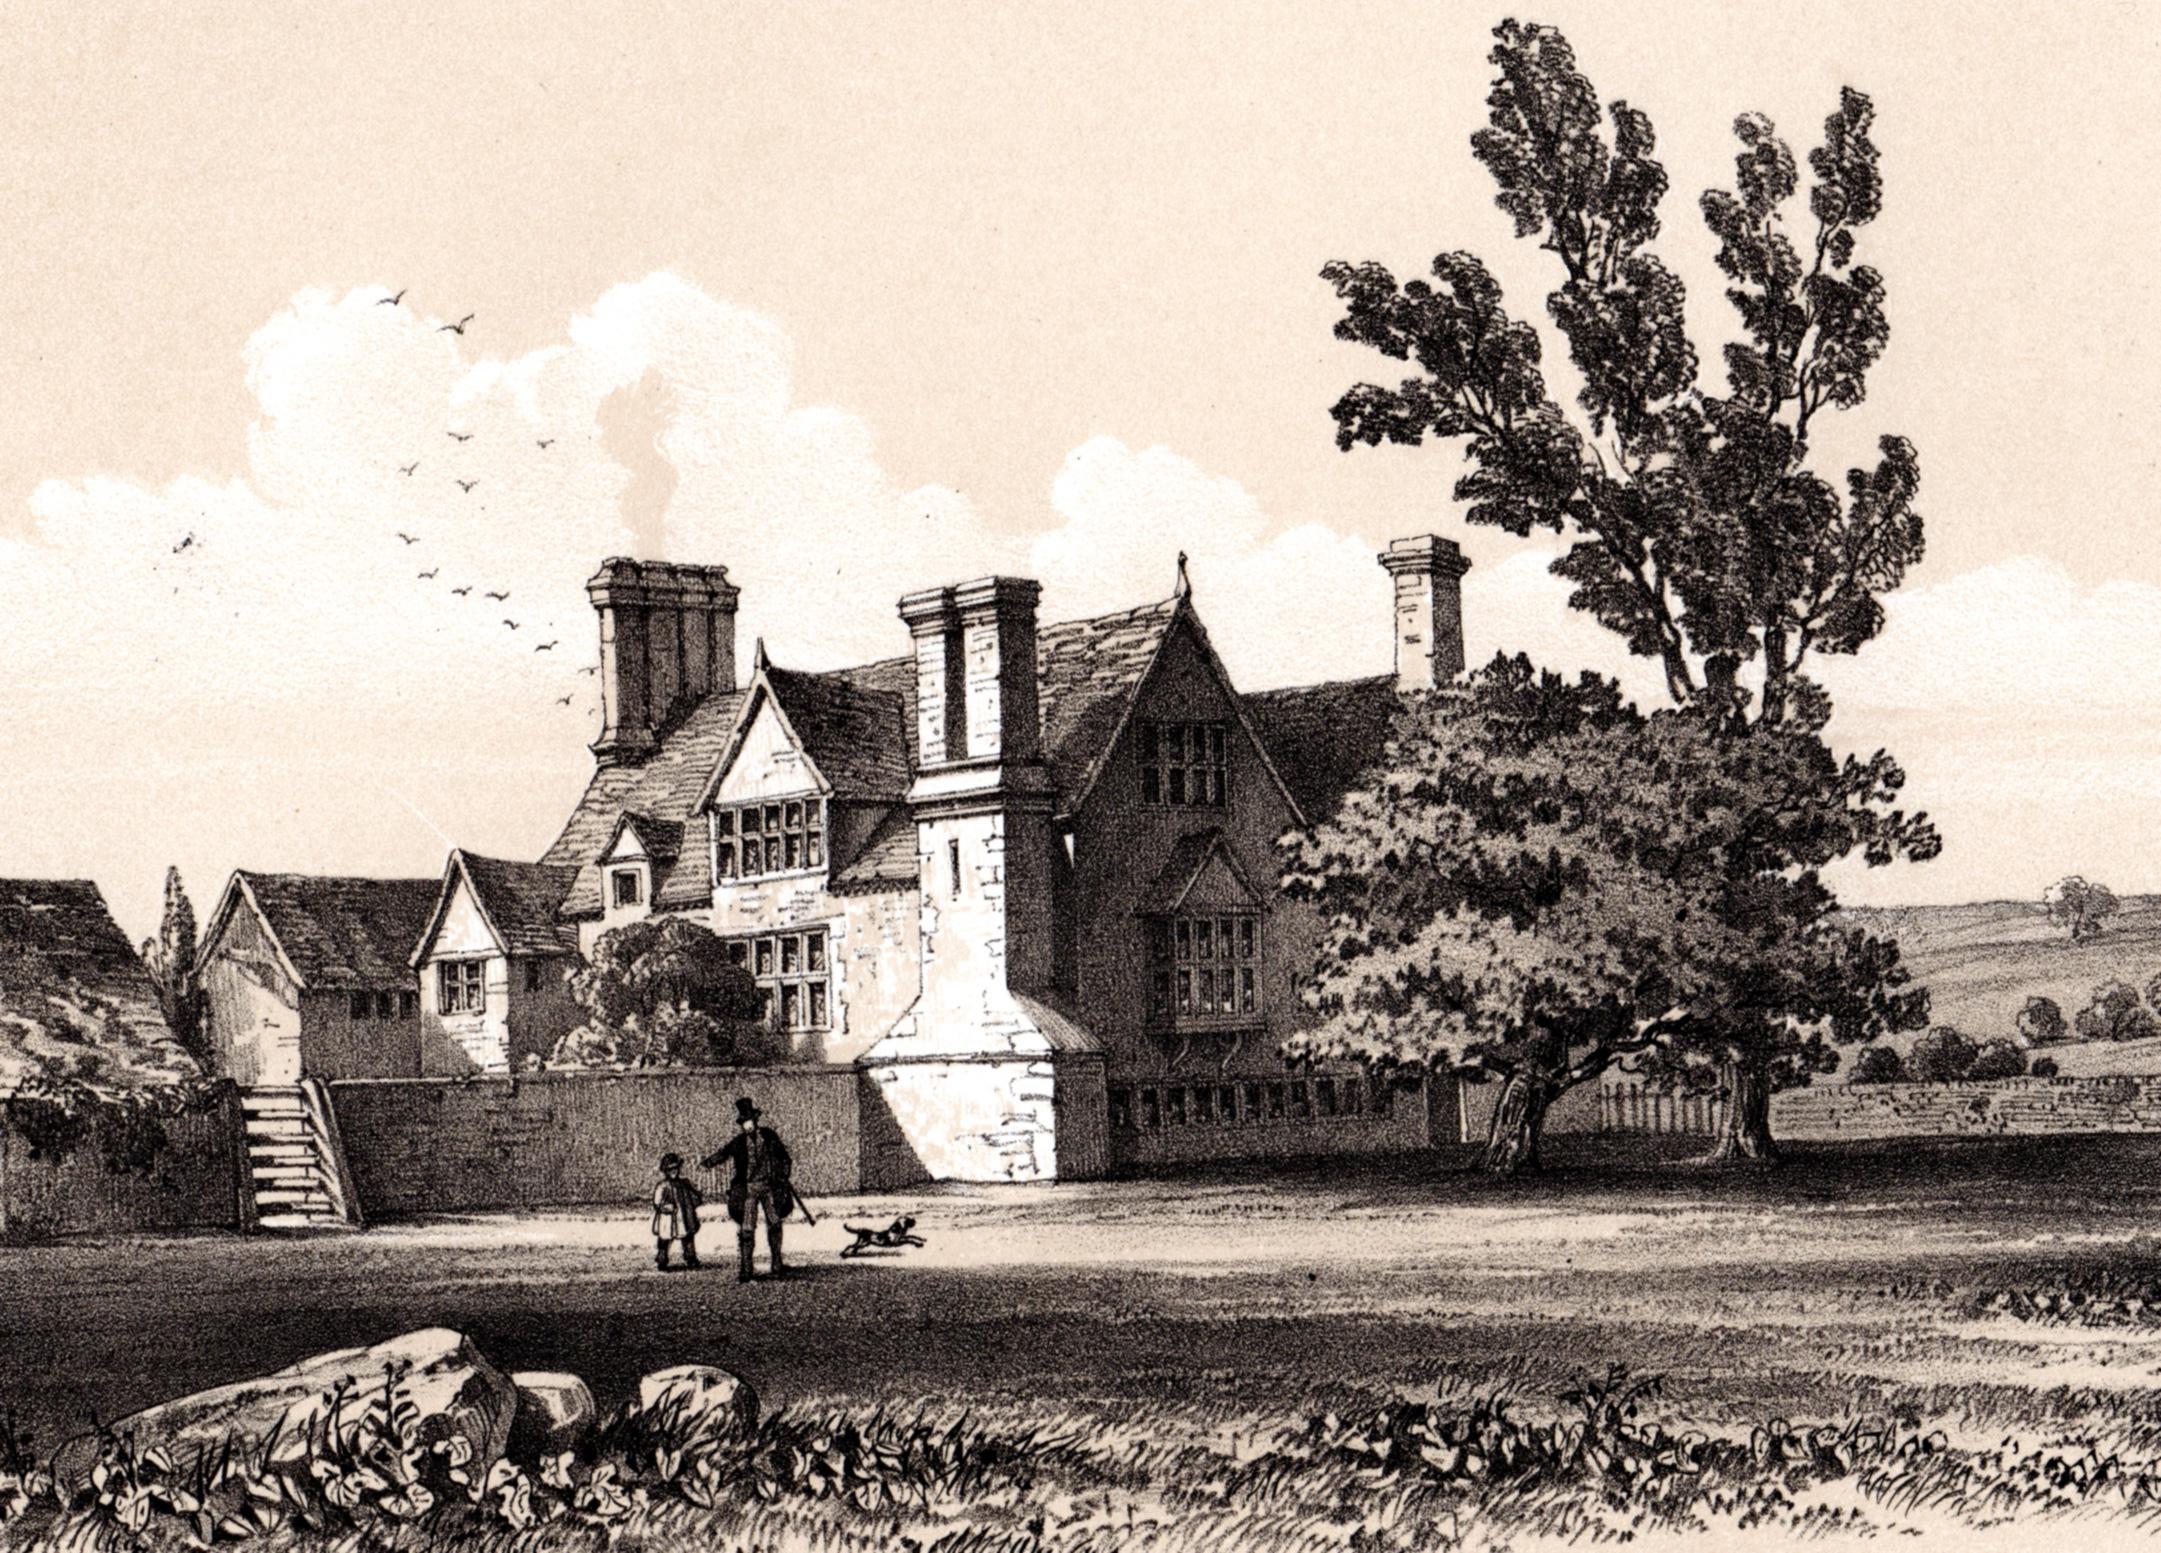 Lamb, Edward Buckton